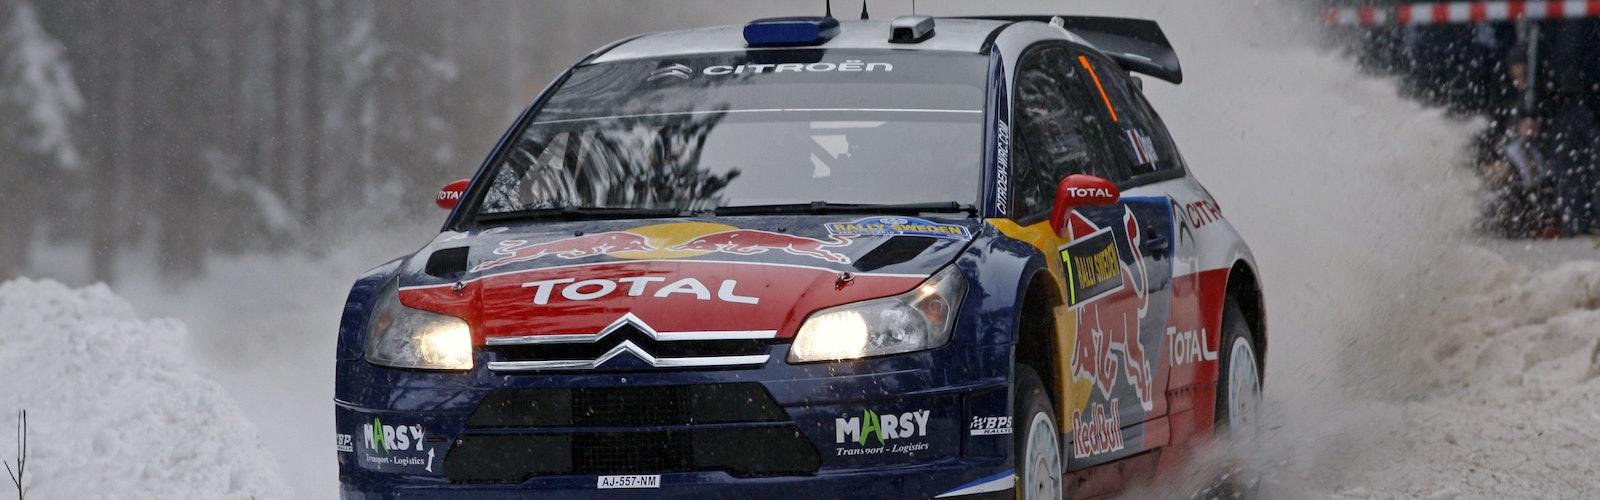 Ogier Citroen Rally Sweden 2010